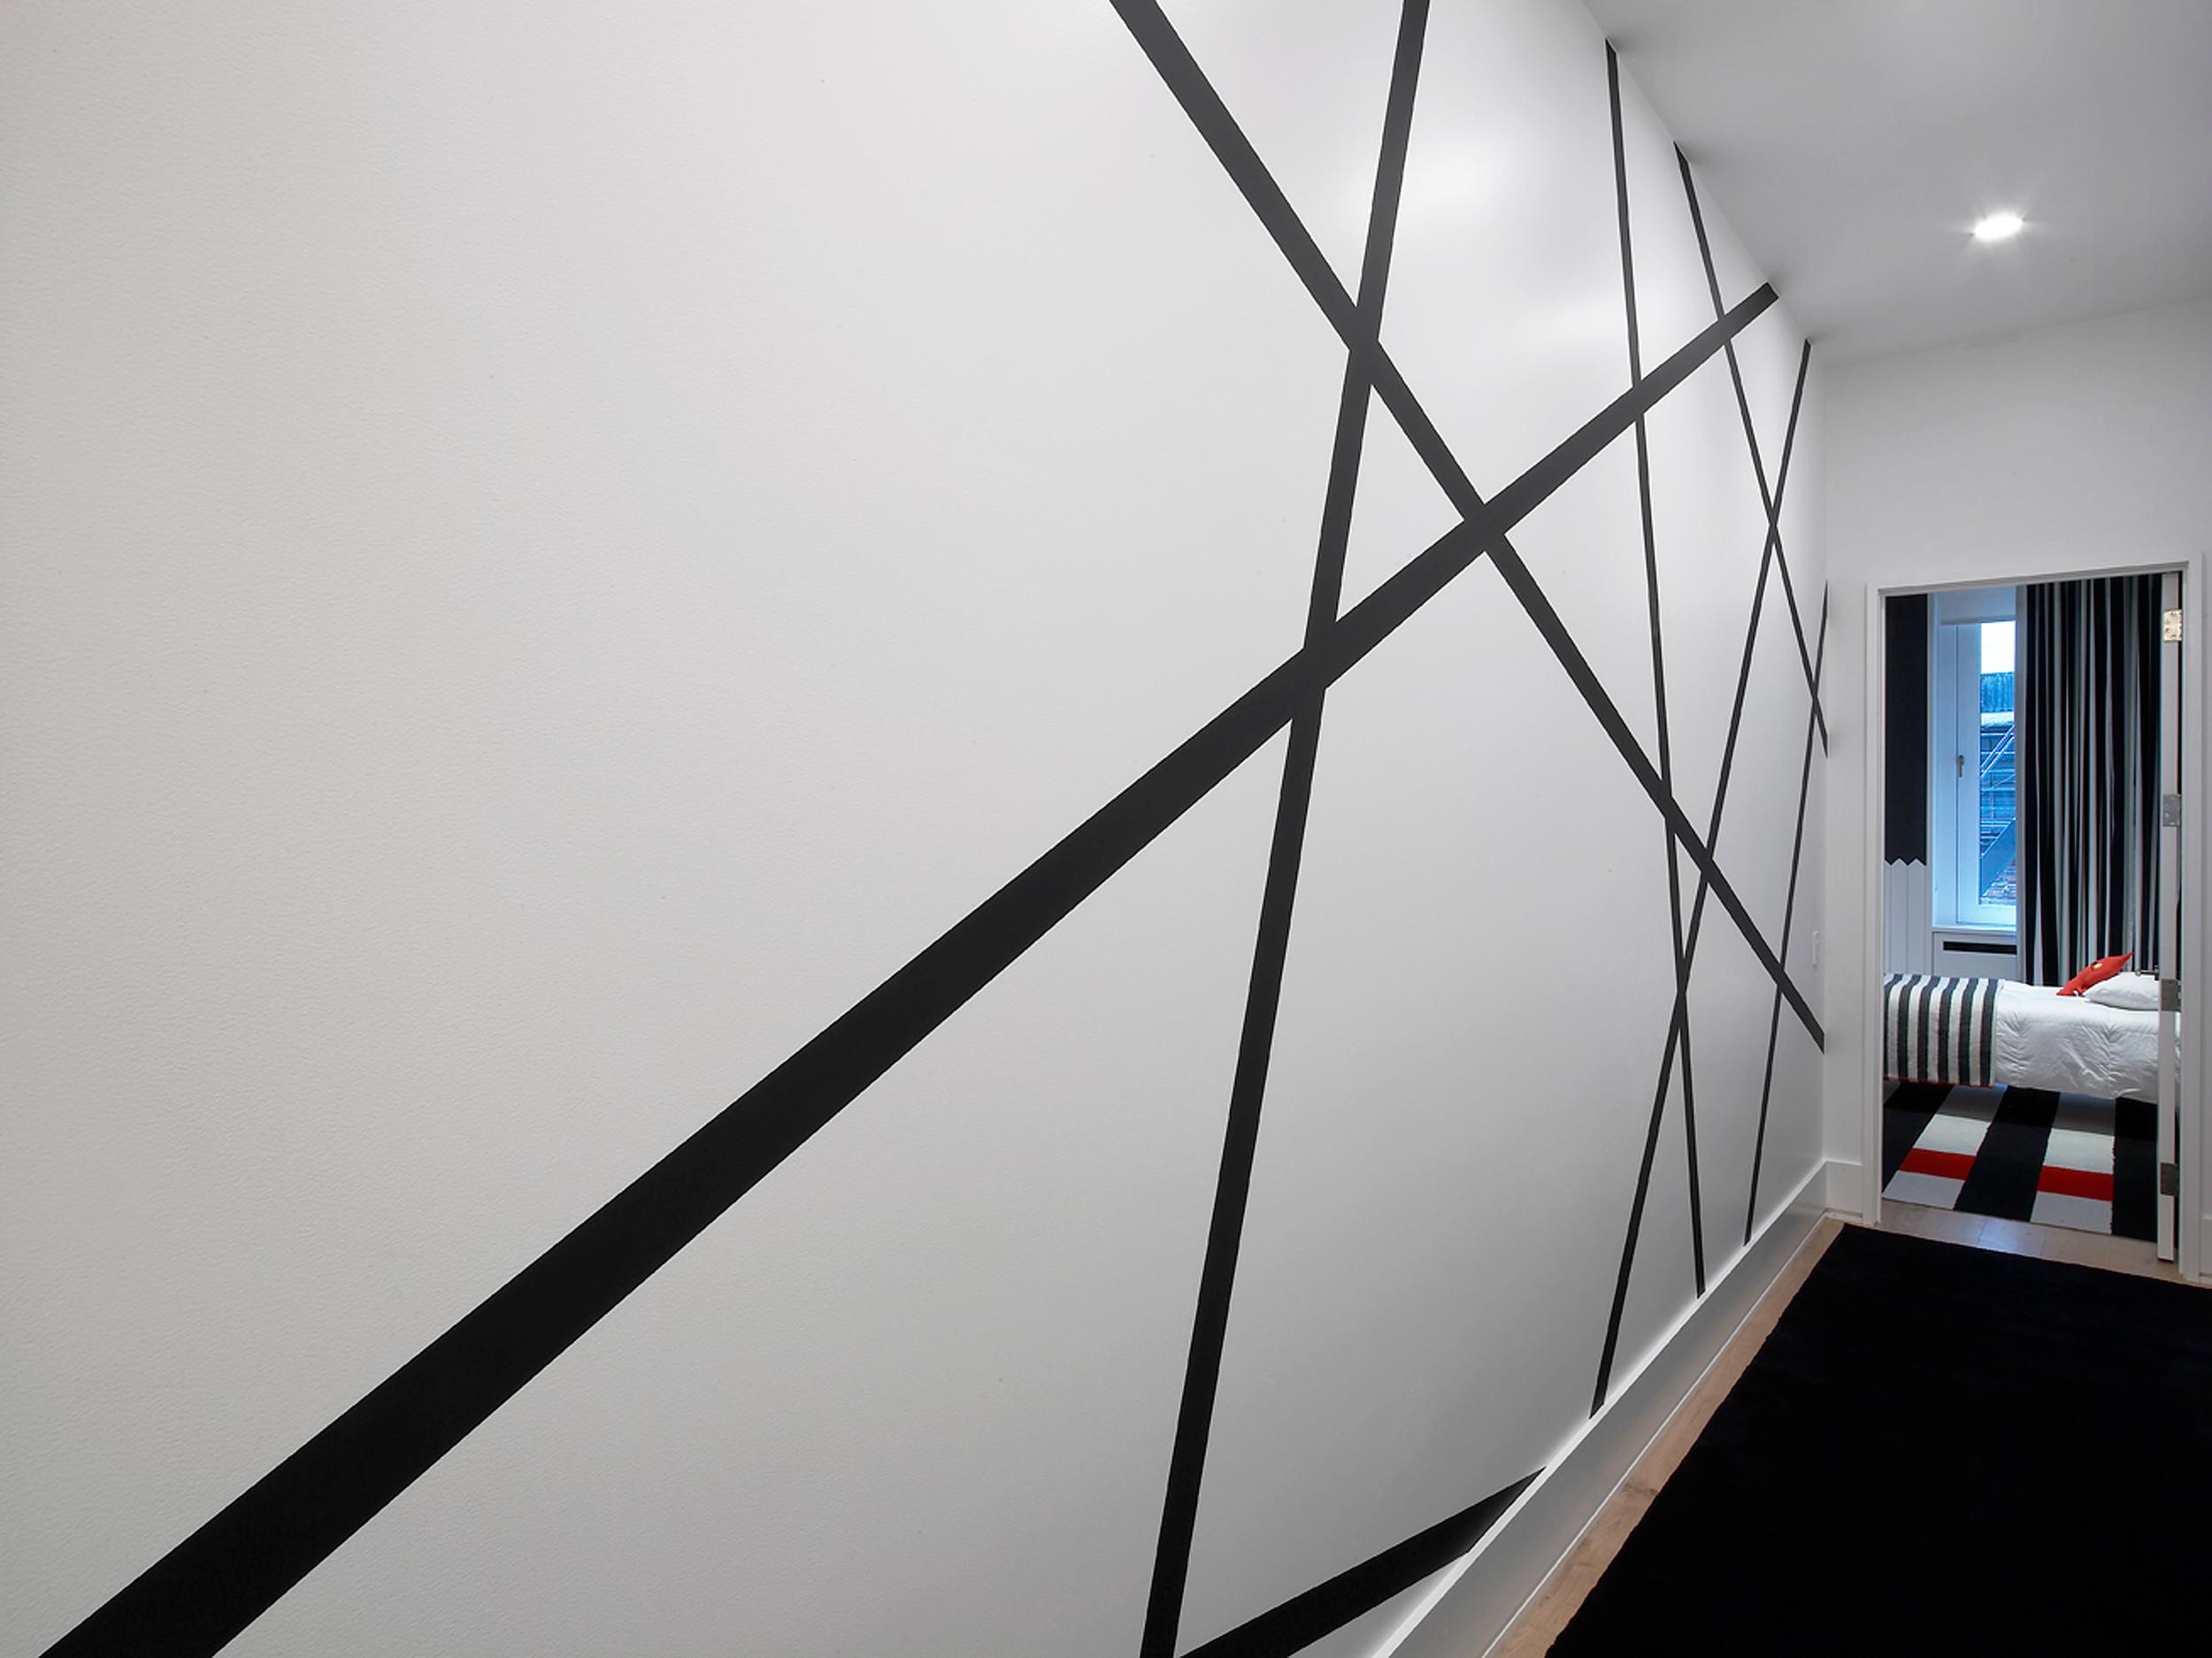 tribeca duplex, photo: eric laignel